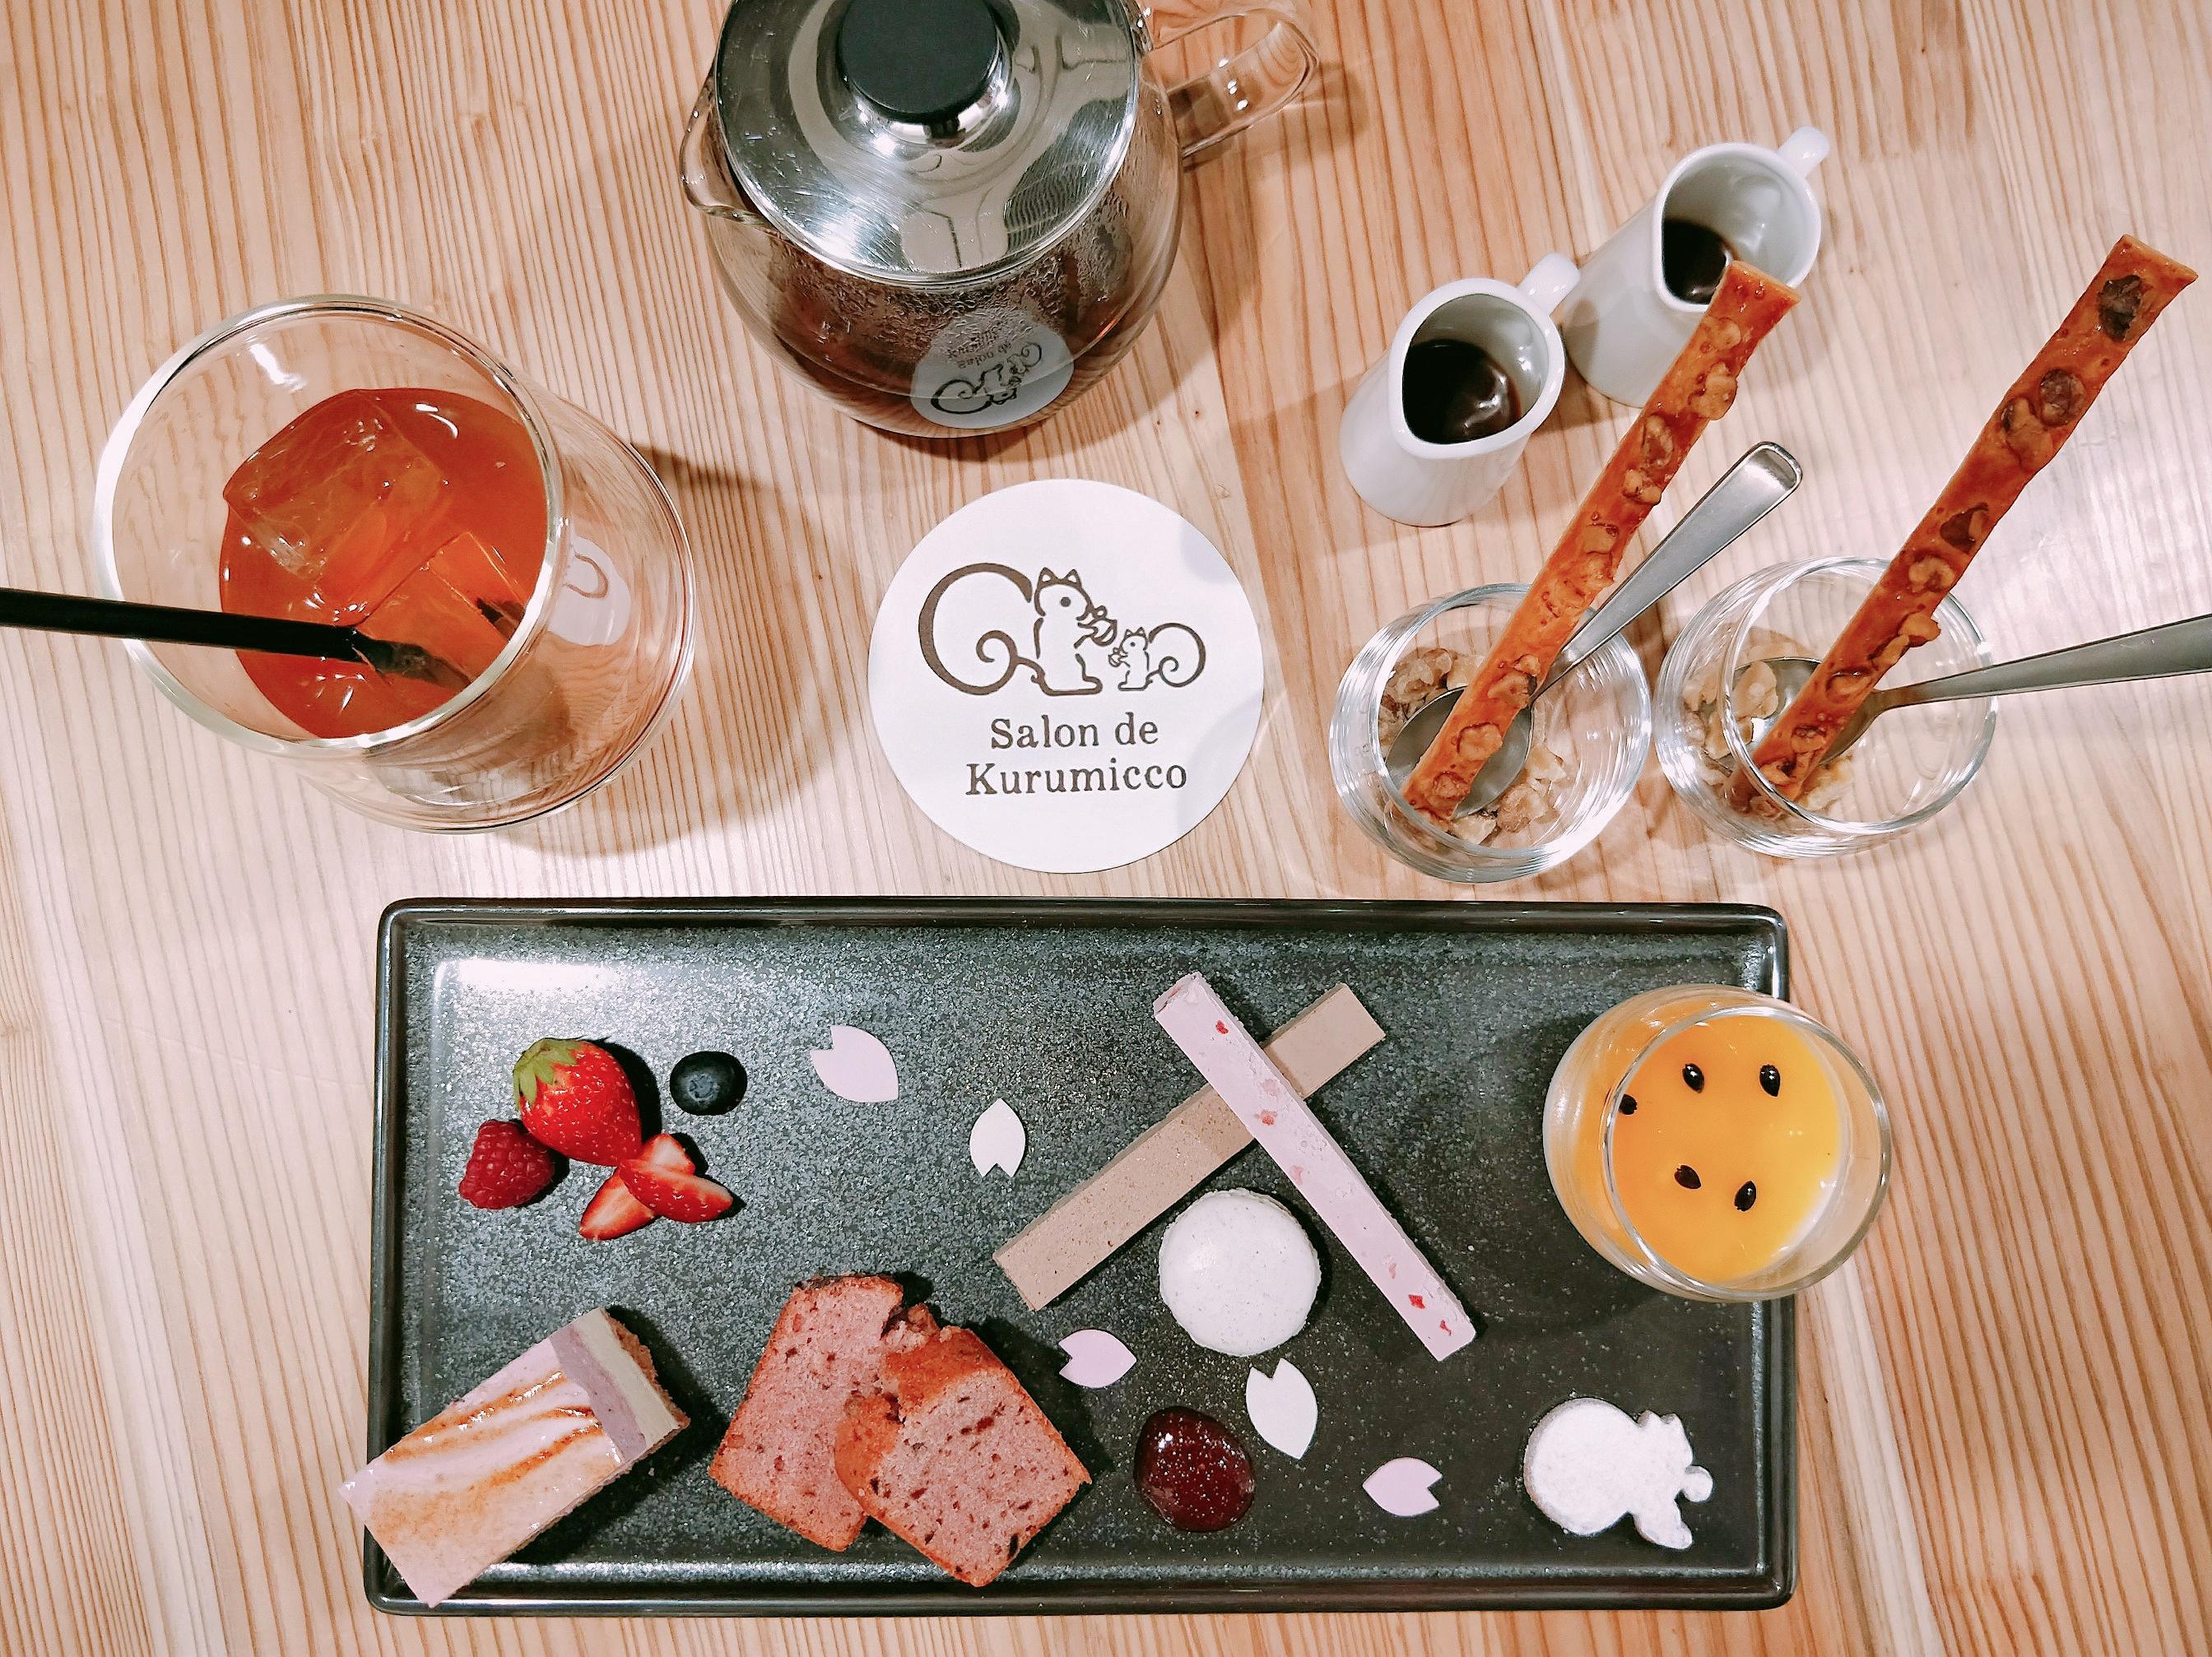 【鎌倉】売切続出「クルミッ子」がカフェに!期間限定プレートやパフェなど可愛いスイーツ♡_2